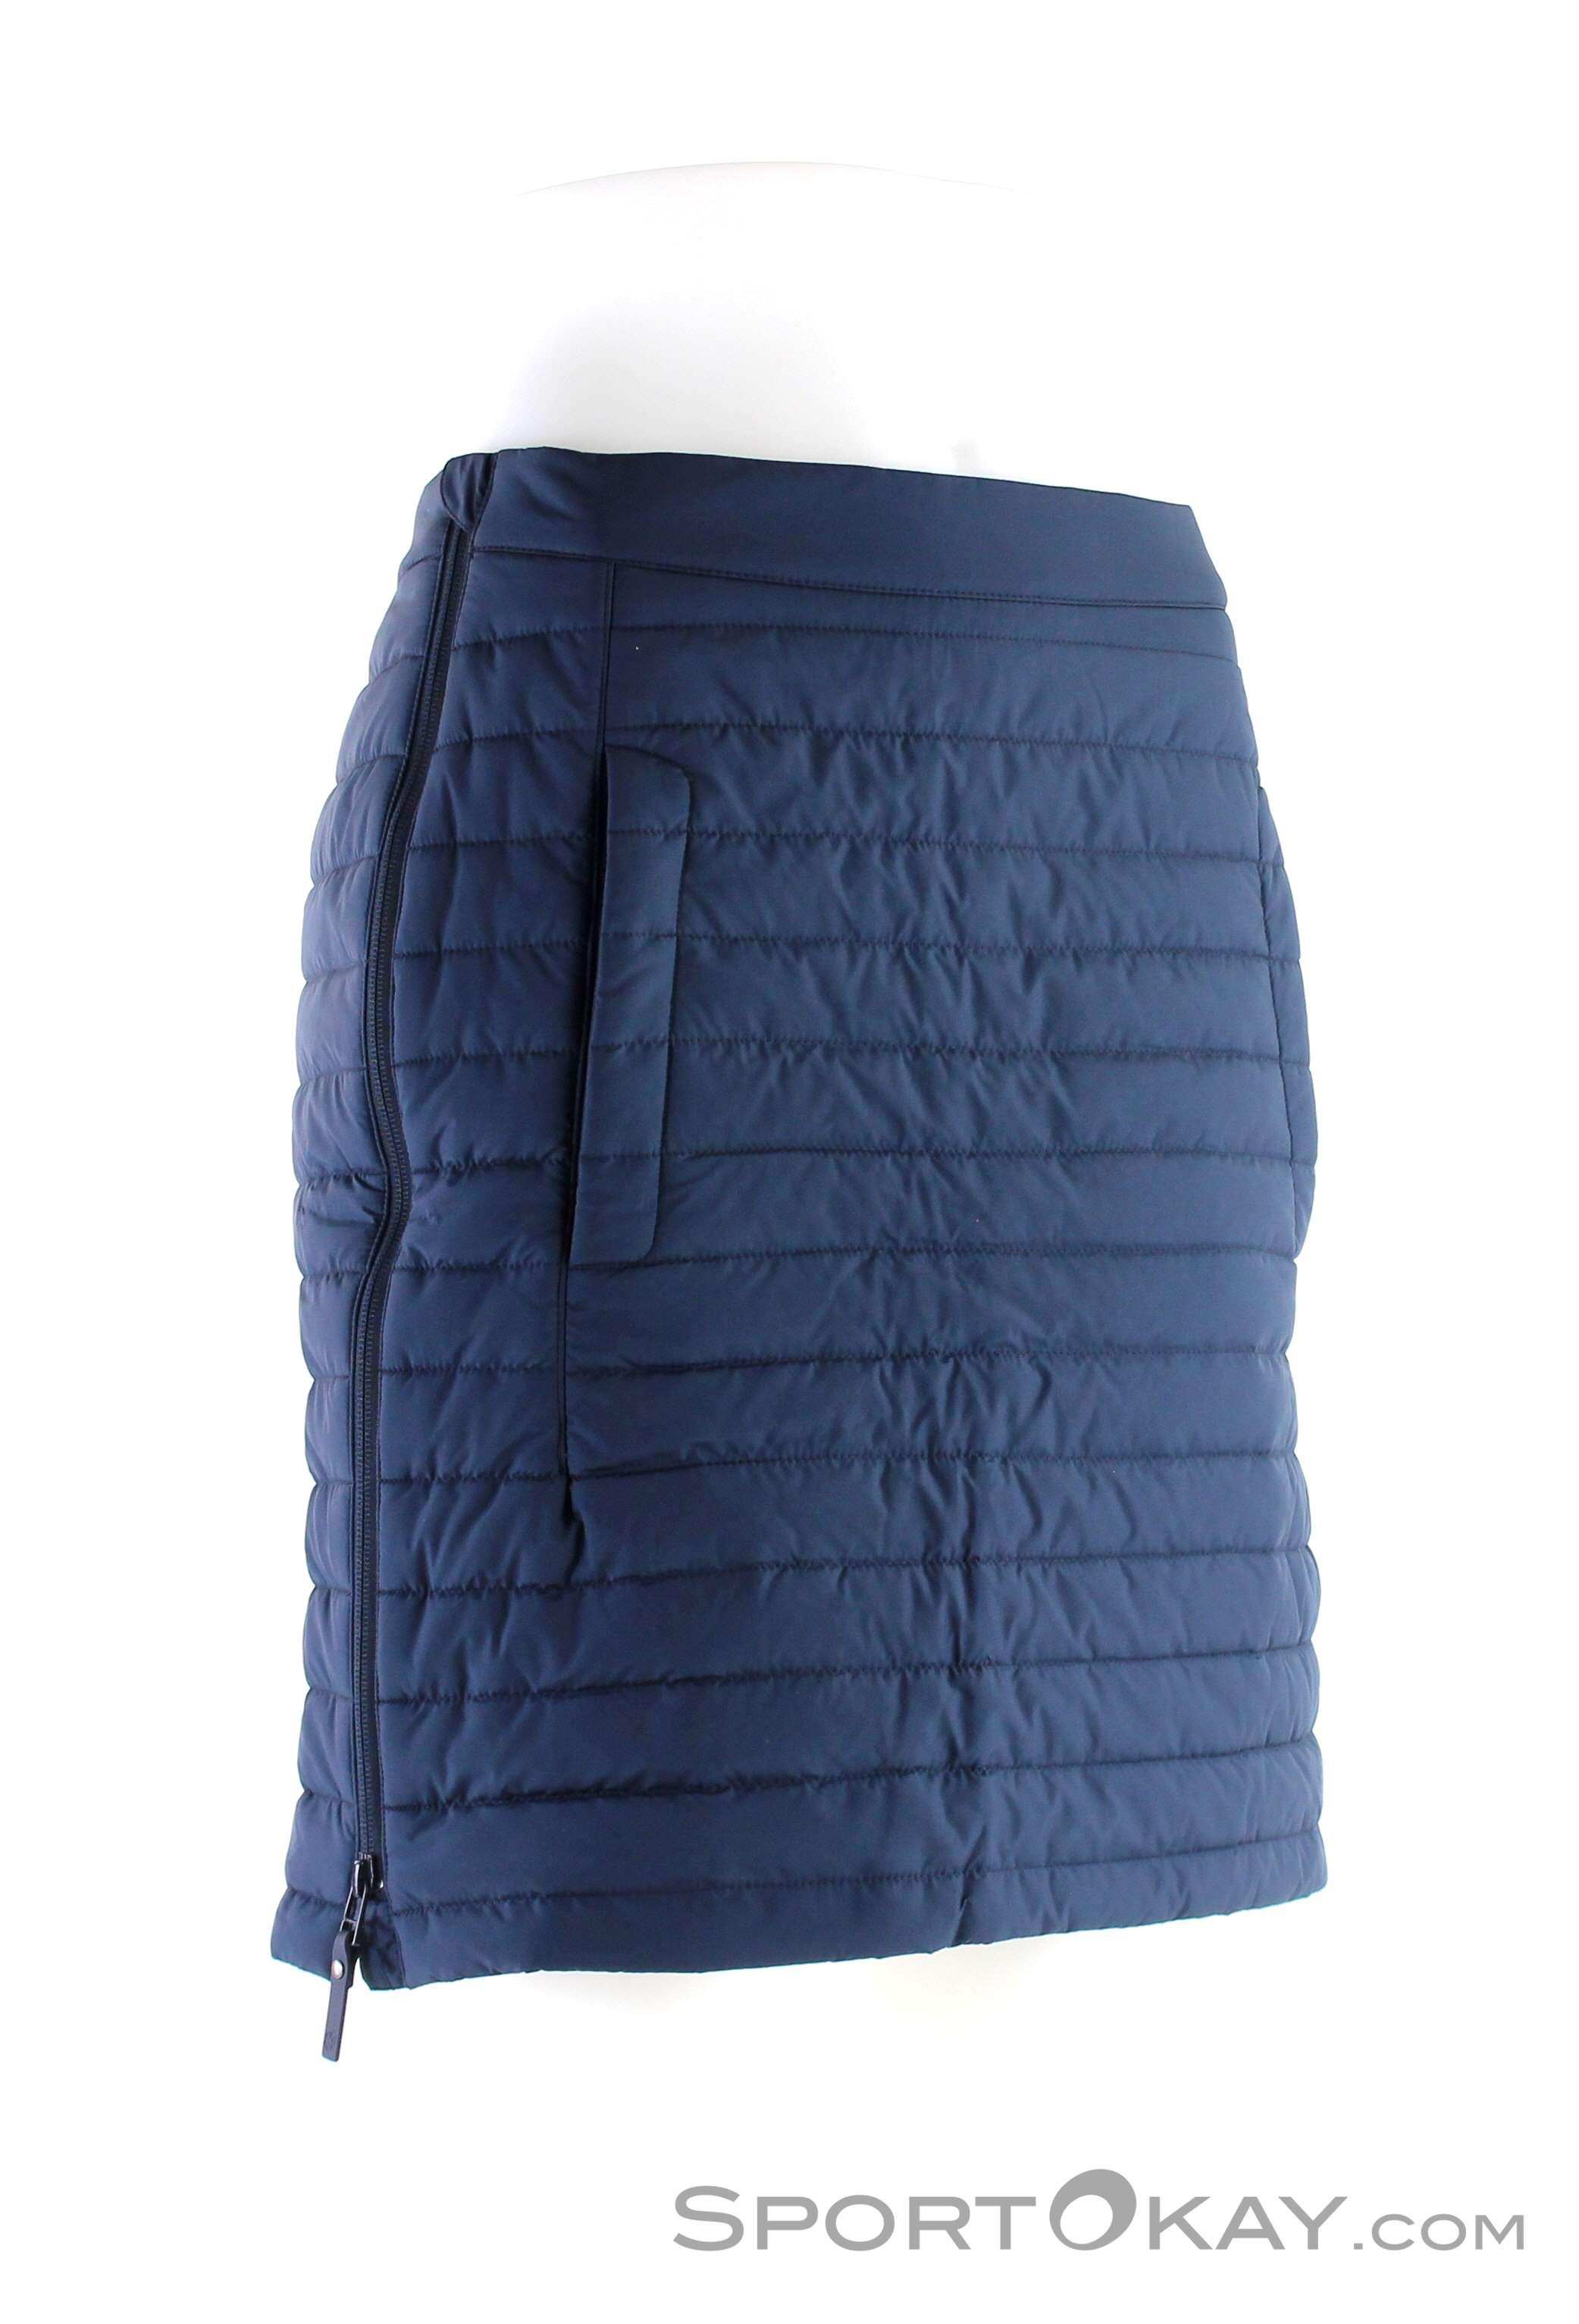 Jack Wolfskin Iceguard Skirt Damen Outdoorrock Hosen qMz13